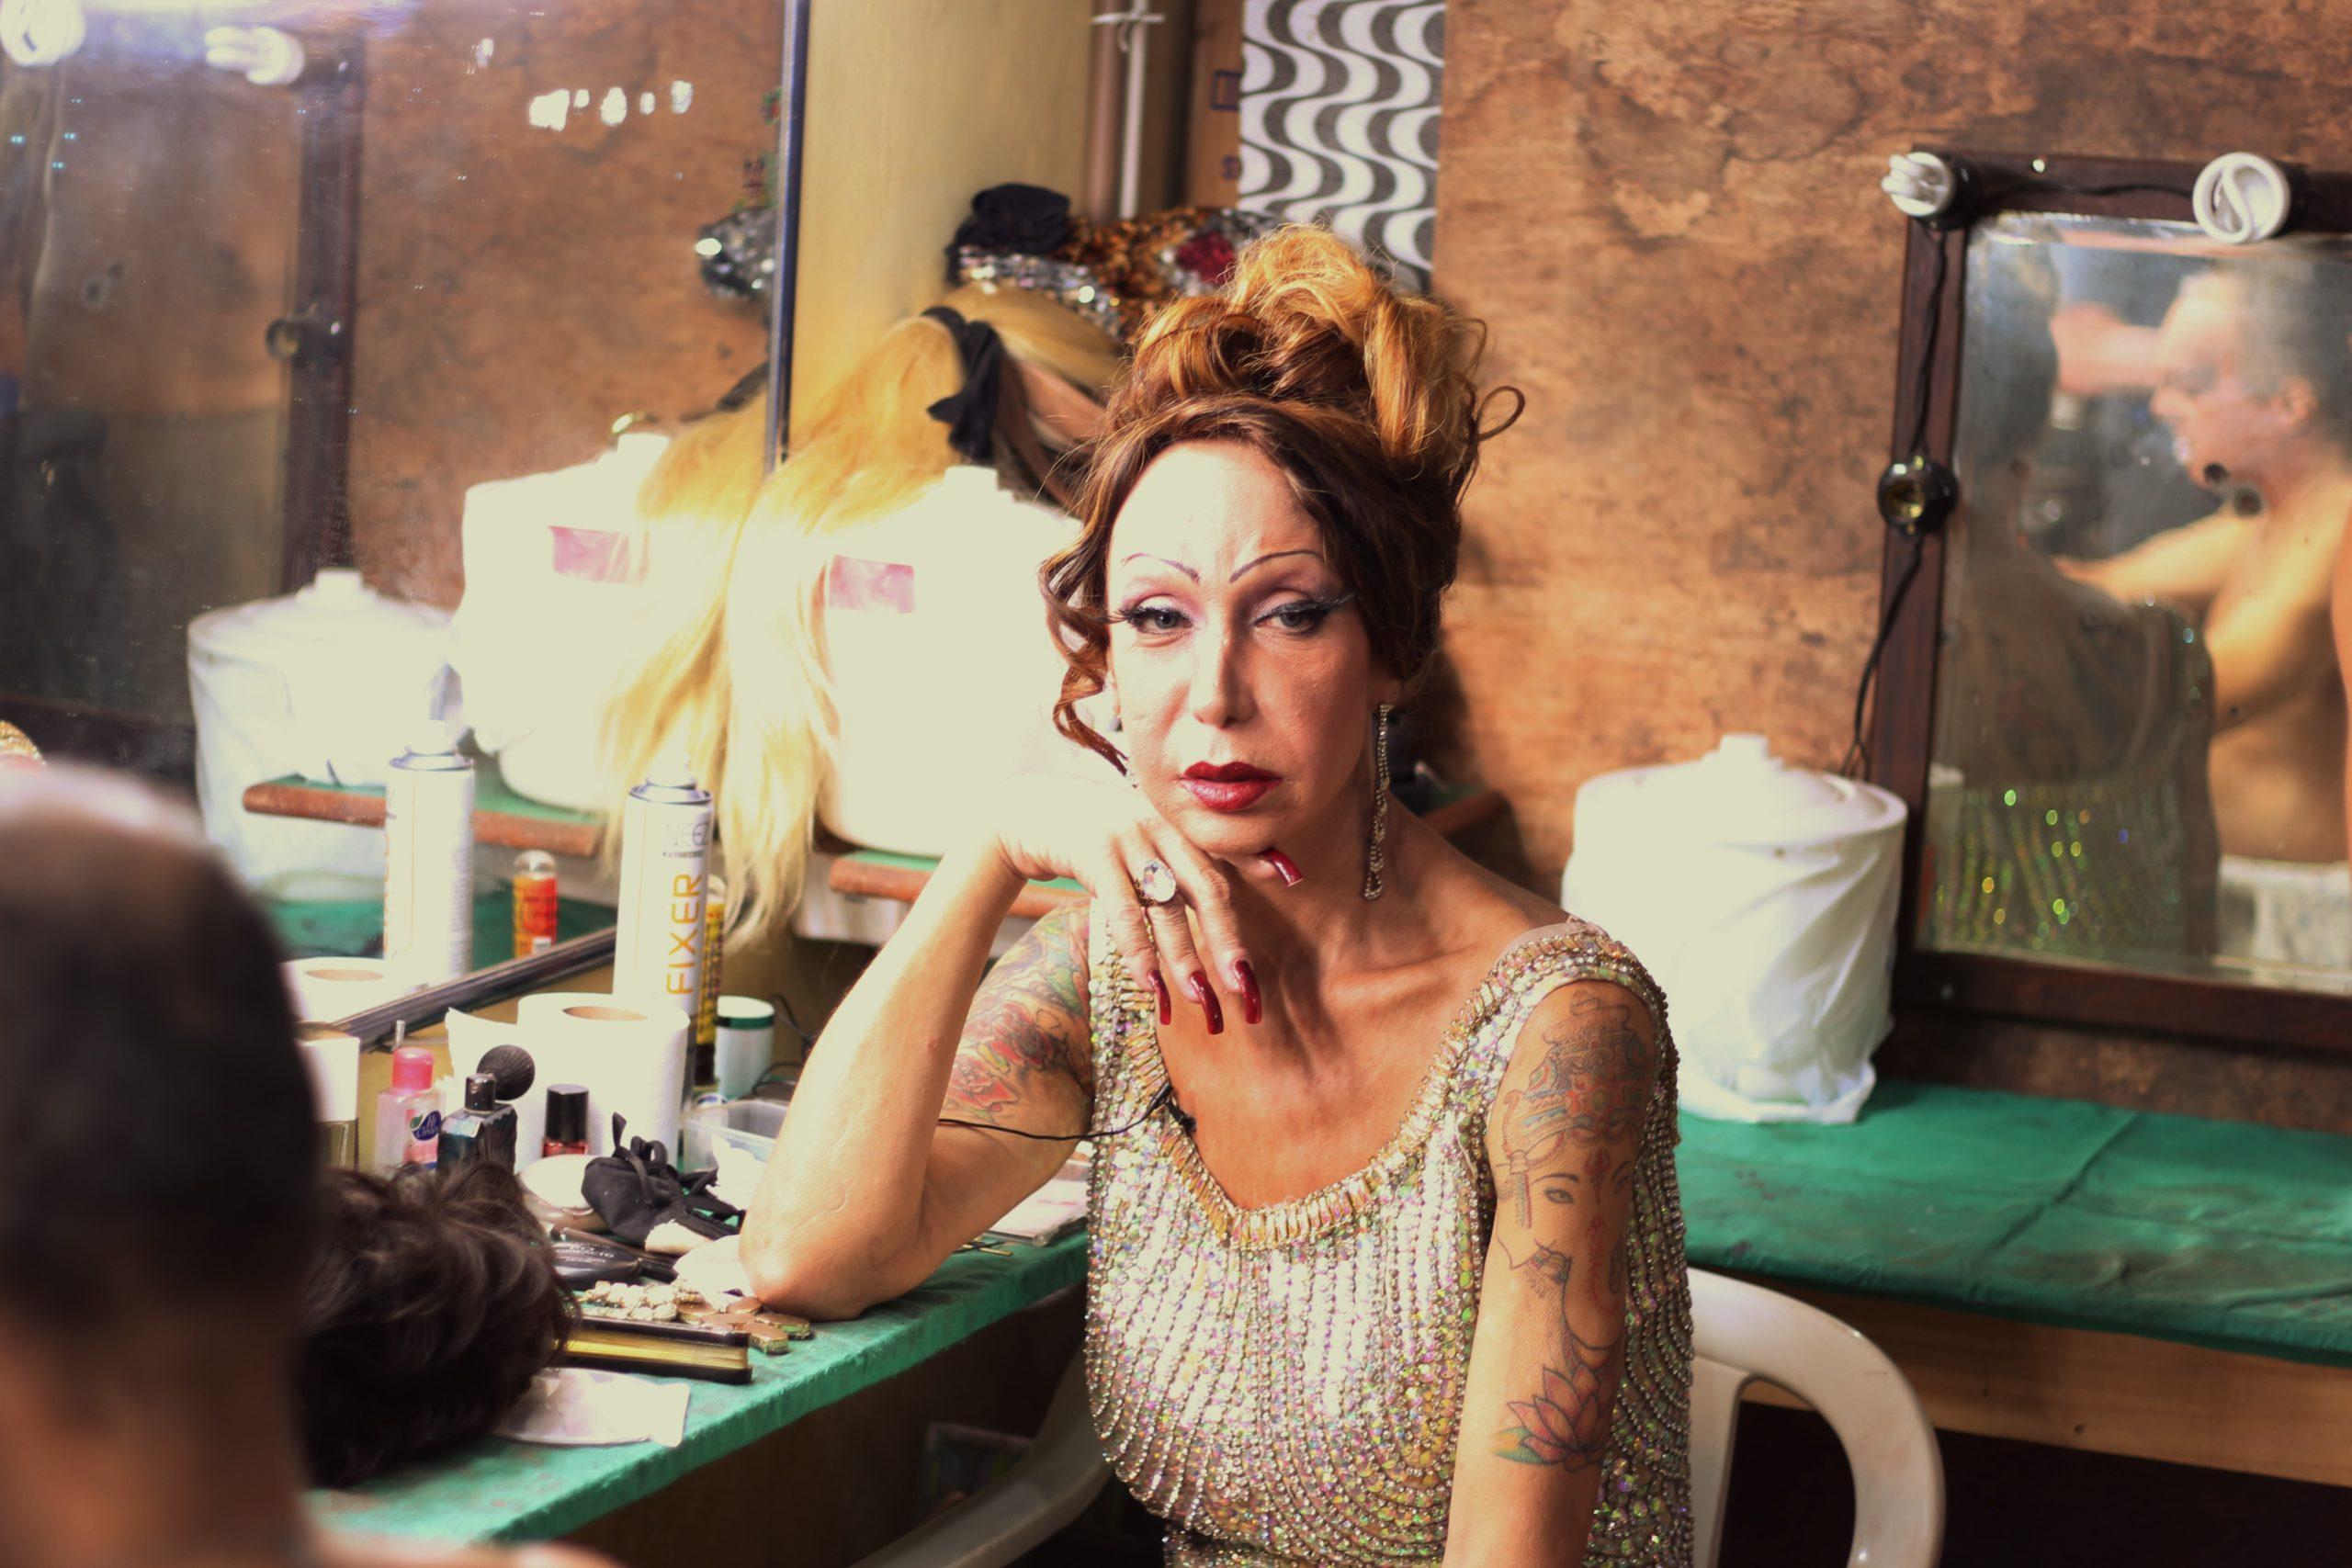 Cena do filme Luana Muniz - Filha da Lua. A foto mostra Luana sentada em seu camarim, maquiada, de vestido prateado e unhas vermelhas, olhando diretamente para a câmera. Ela tem a mão esquerda apoiando o rosto. Ao seu redor, vemos outras pessoas se preparando para o show.